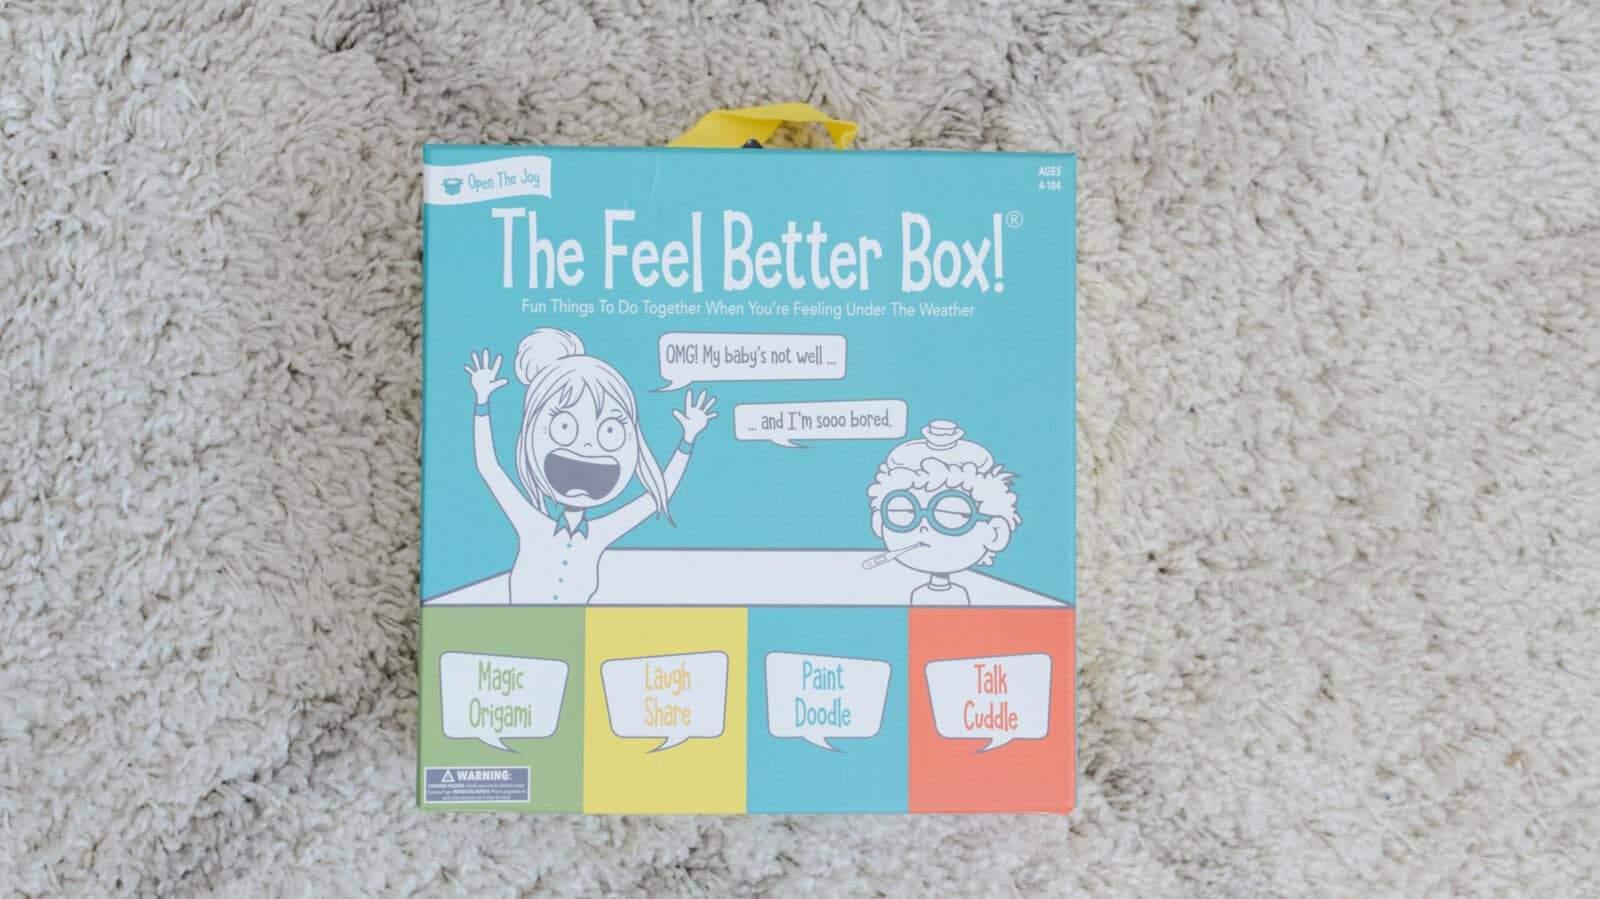 Open The Joy - Activity Box